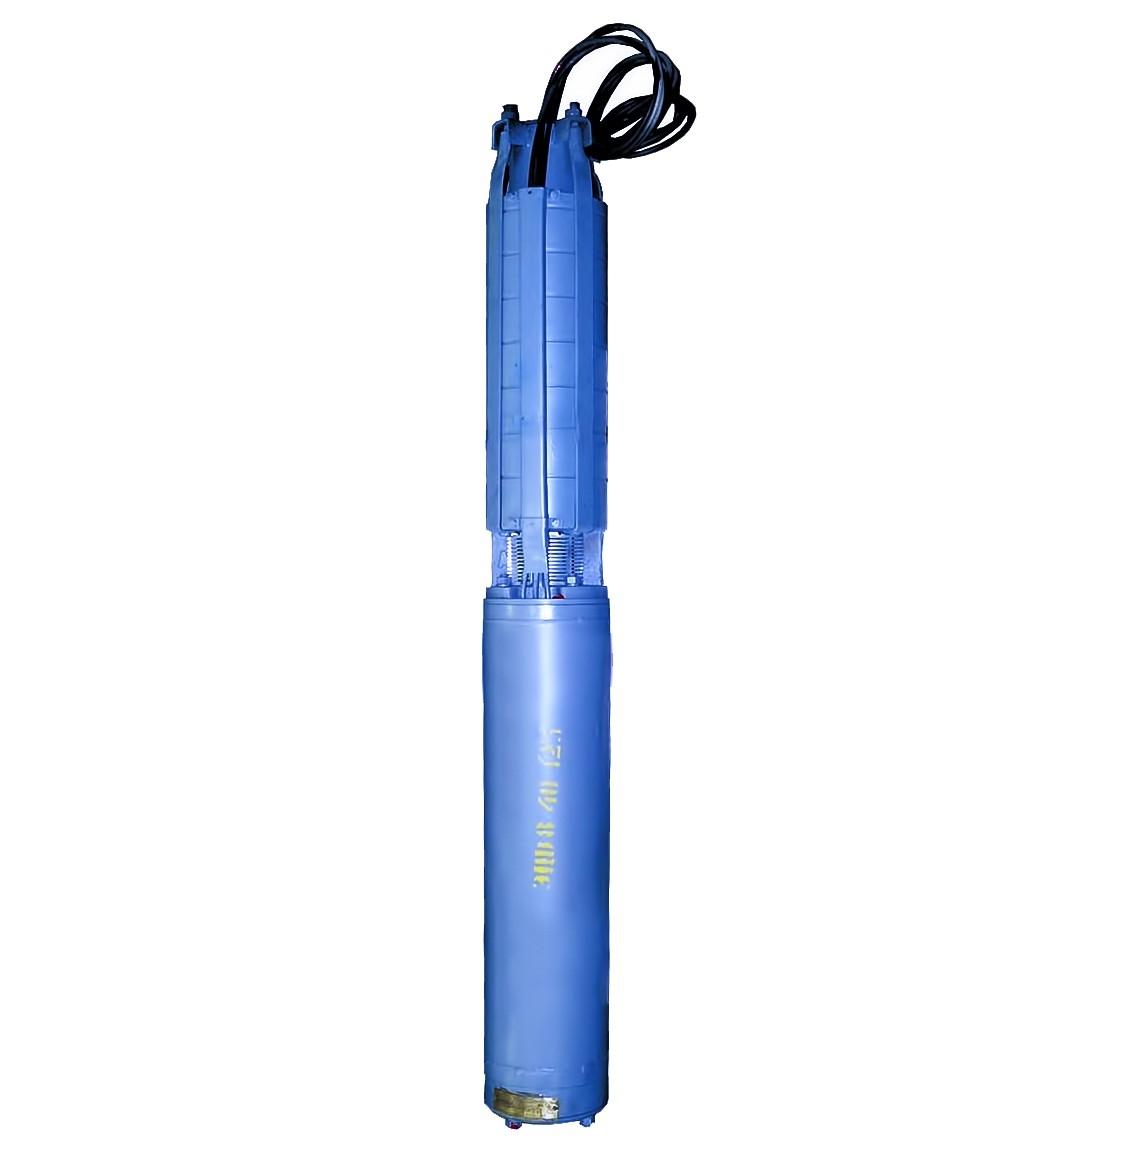 Погружной насос ЭЦВ 5-6,5-140 армлен